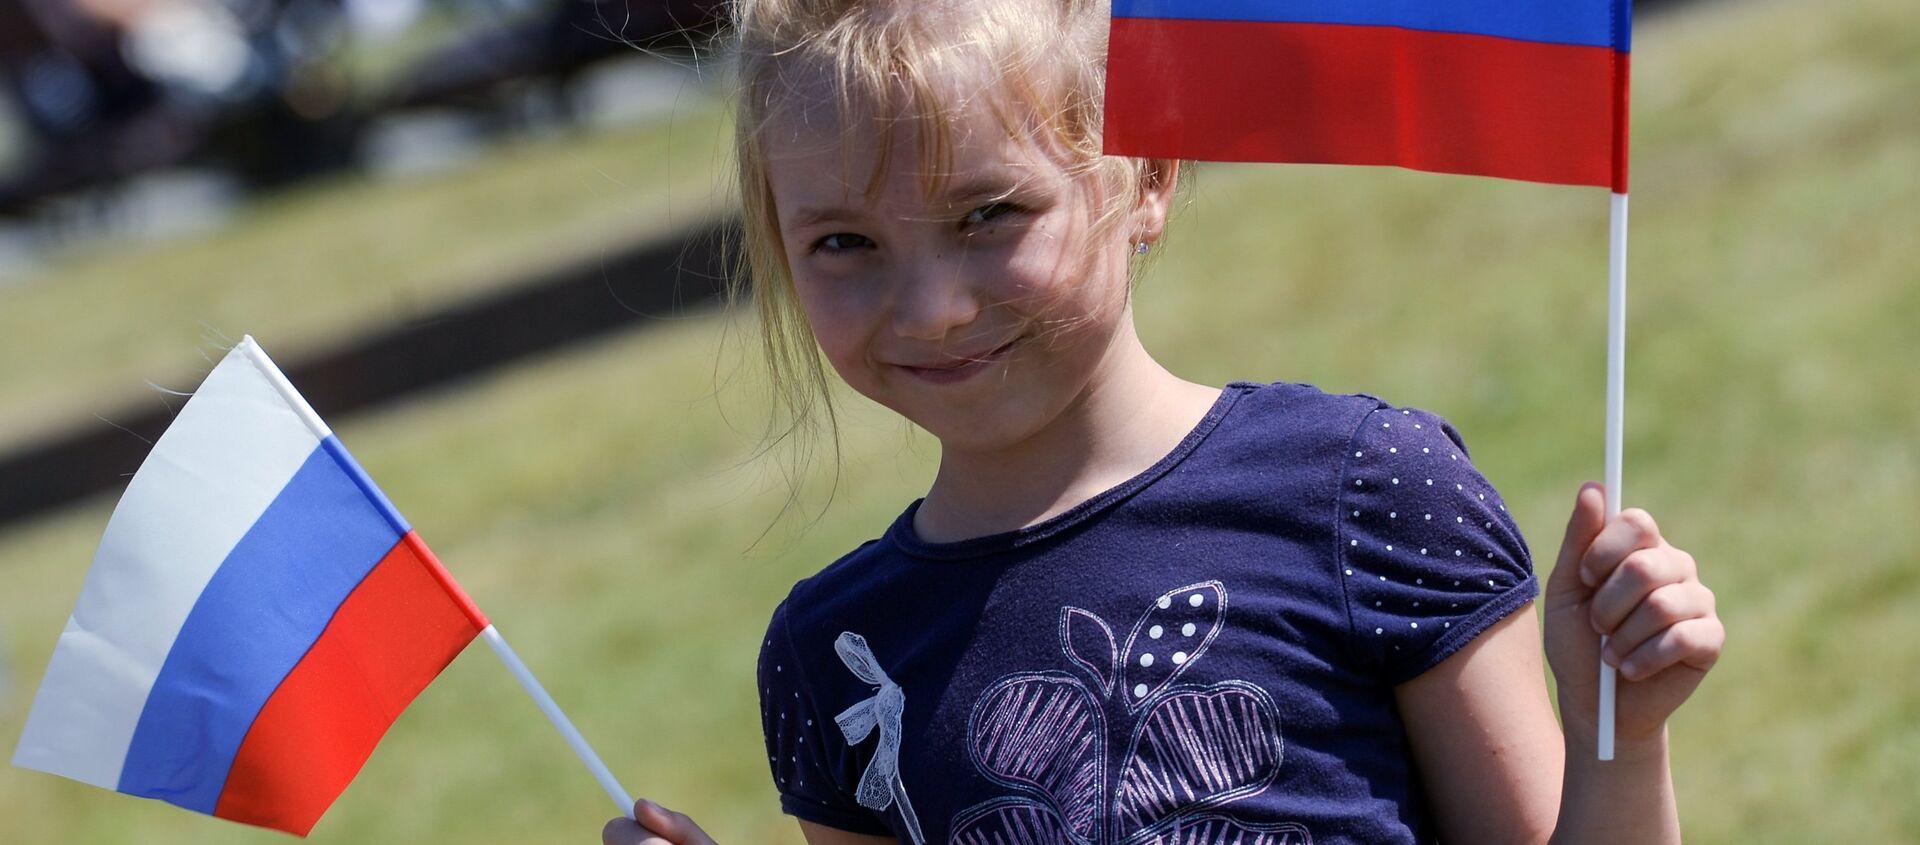 День Государственного флага РФ - Sputnik Южная Осетия, 1920, 27.07.2021